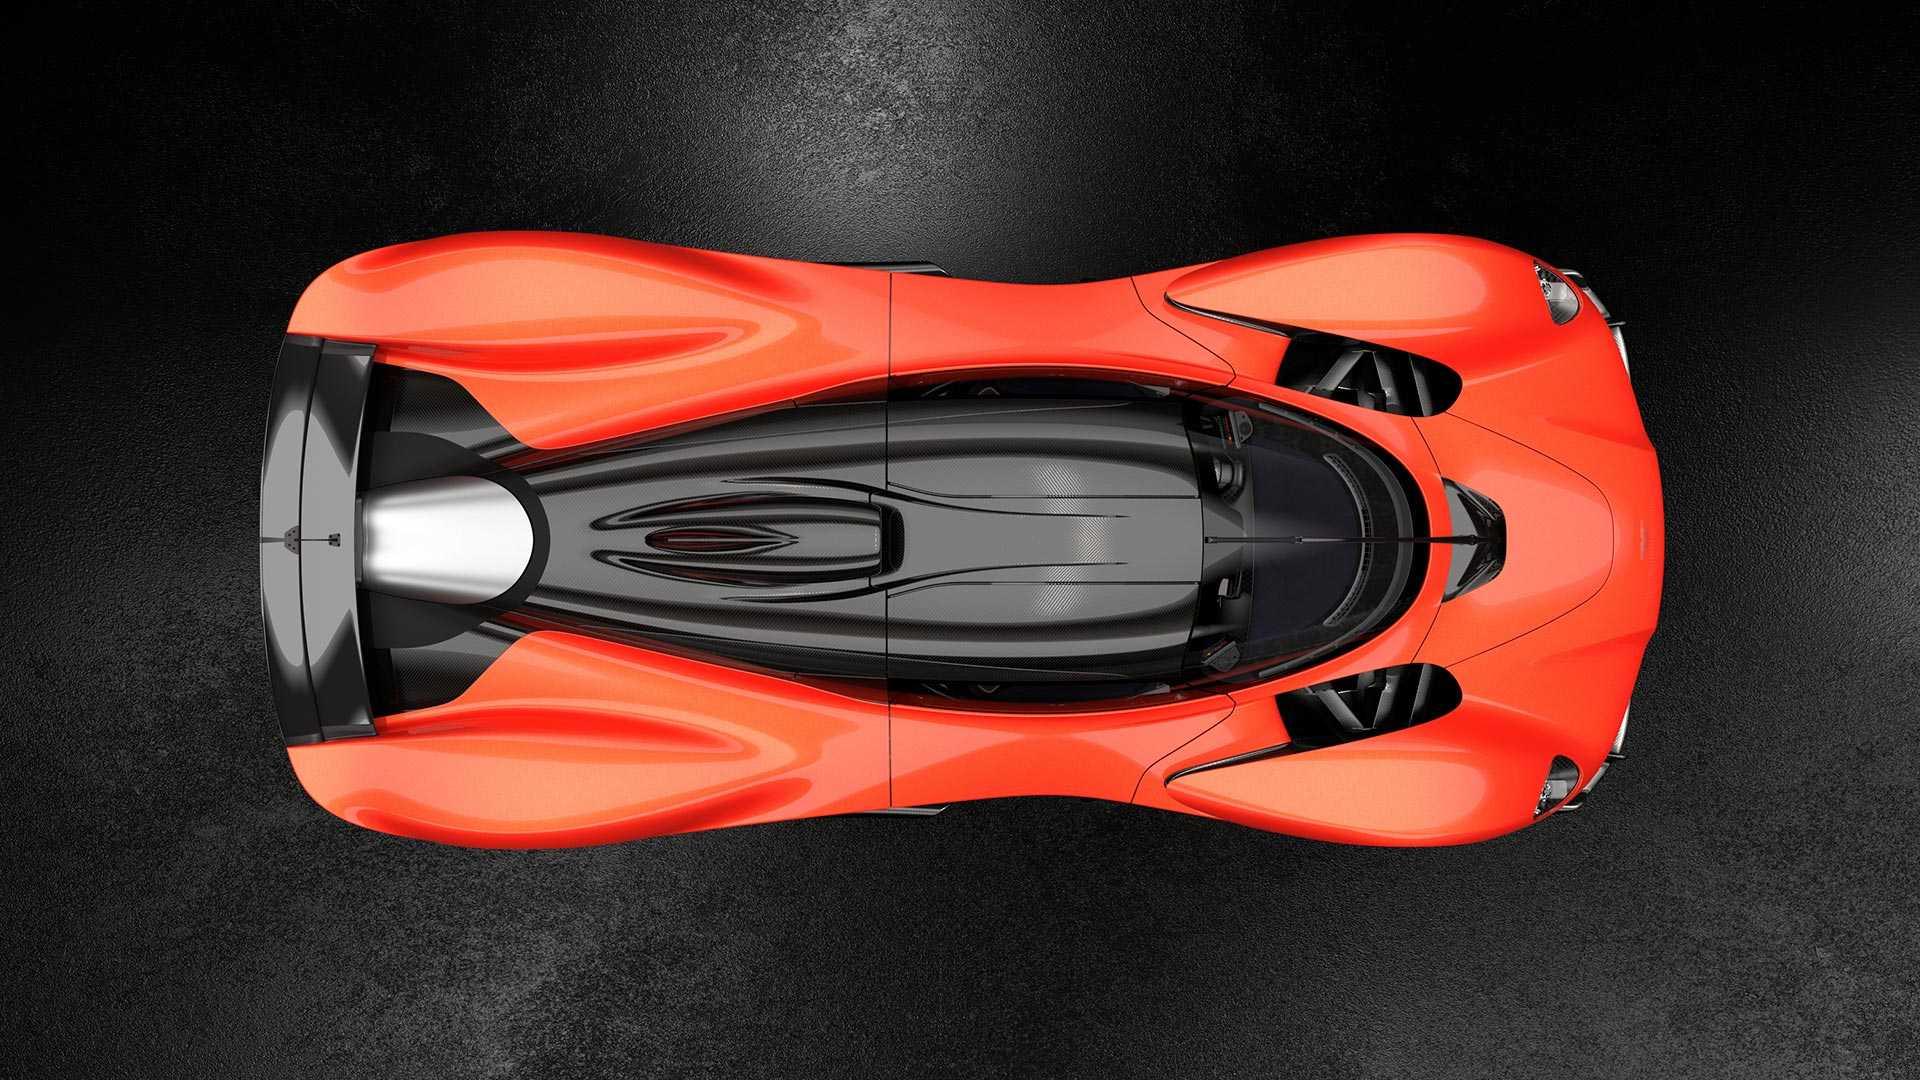 Aston Martin Valkyrie overhead